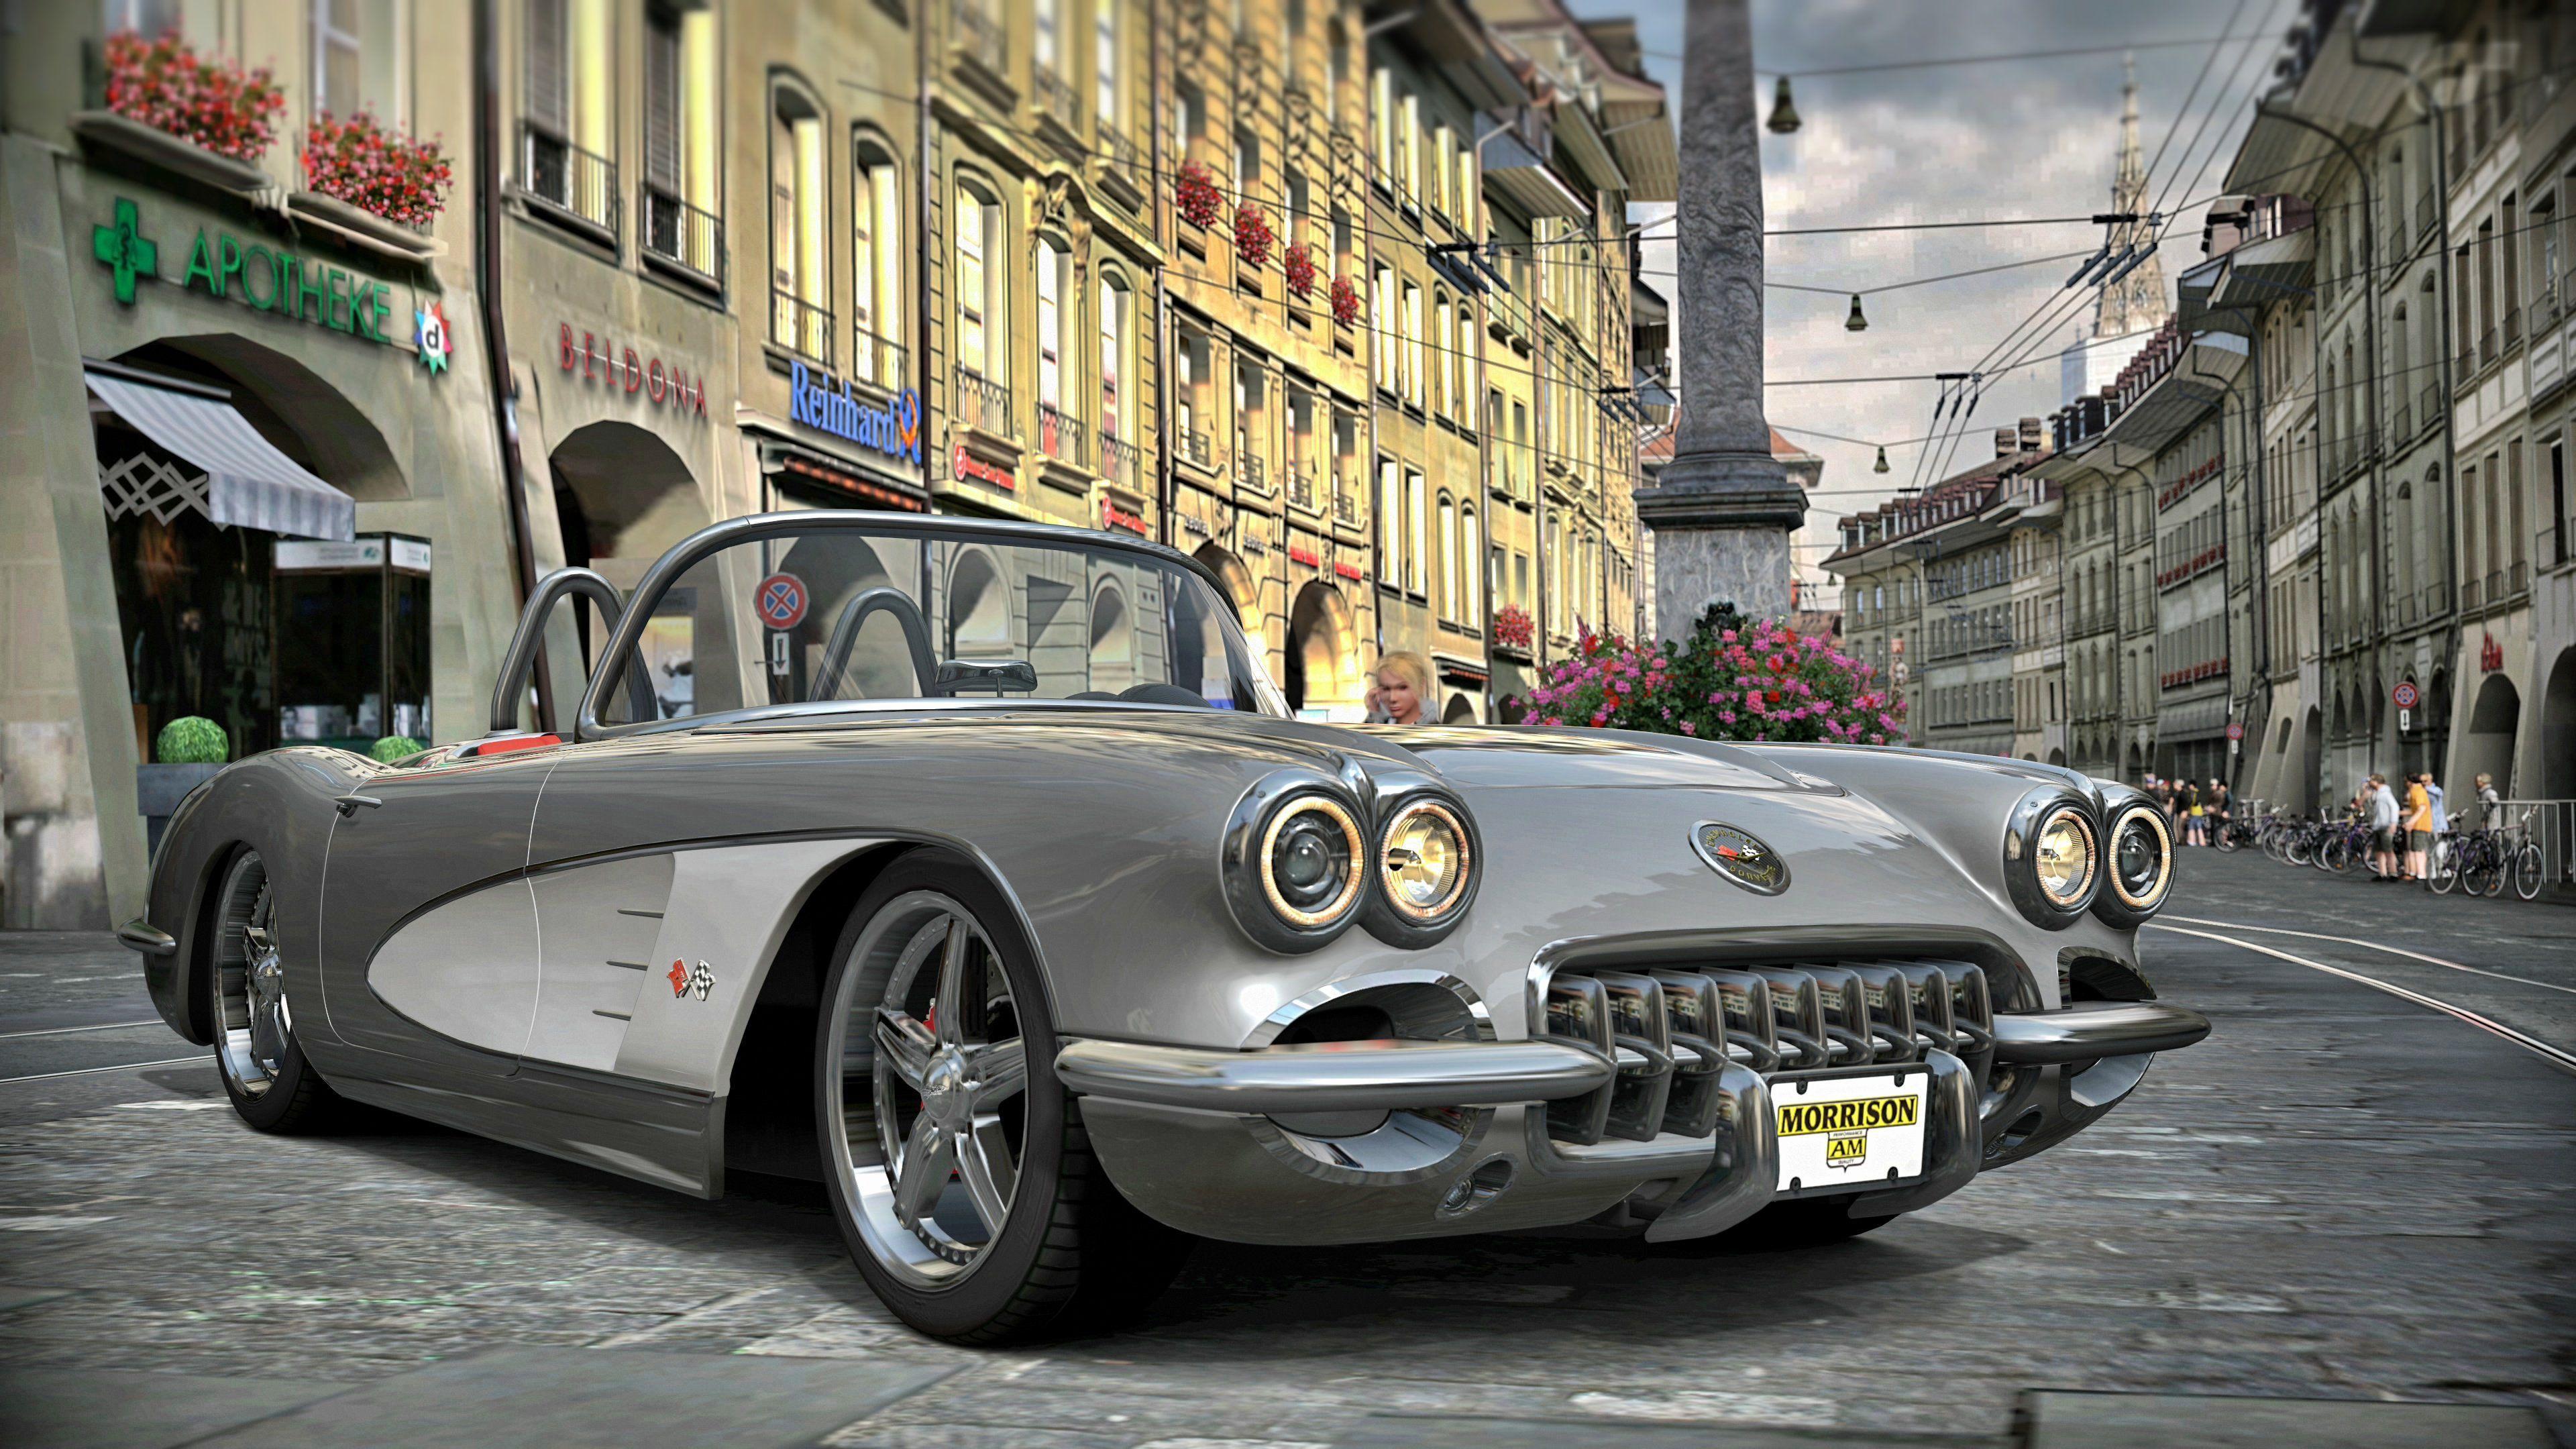 Old Music Score 4k Hd Desktop Wallpaper For 4k Ultra Hd Tv: 62 Best Free Vintage Corvette Wallpapers